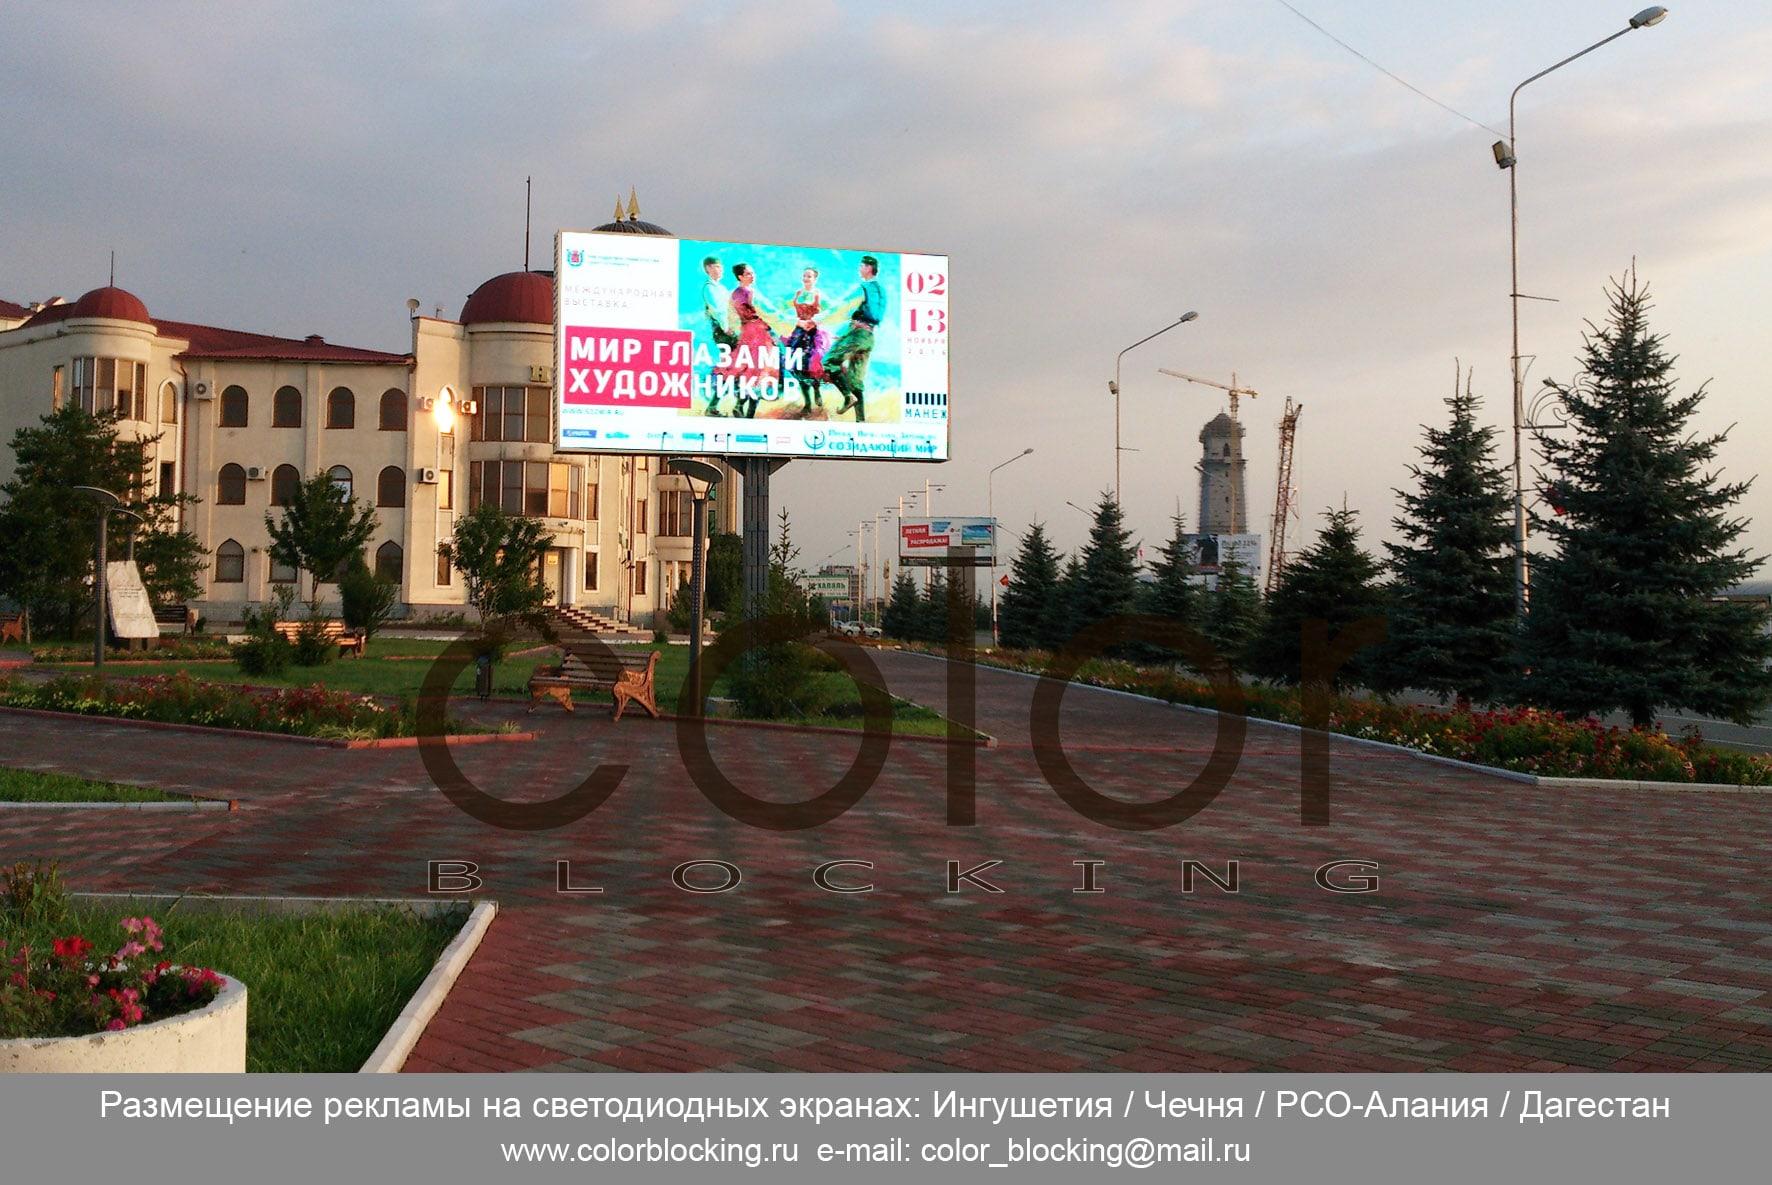 Размещение рекламы на светодиодных экранах в Ингушетии Магас